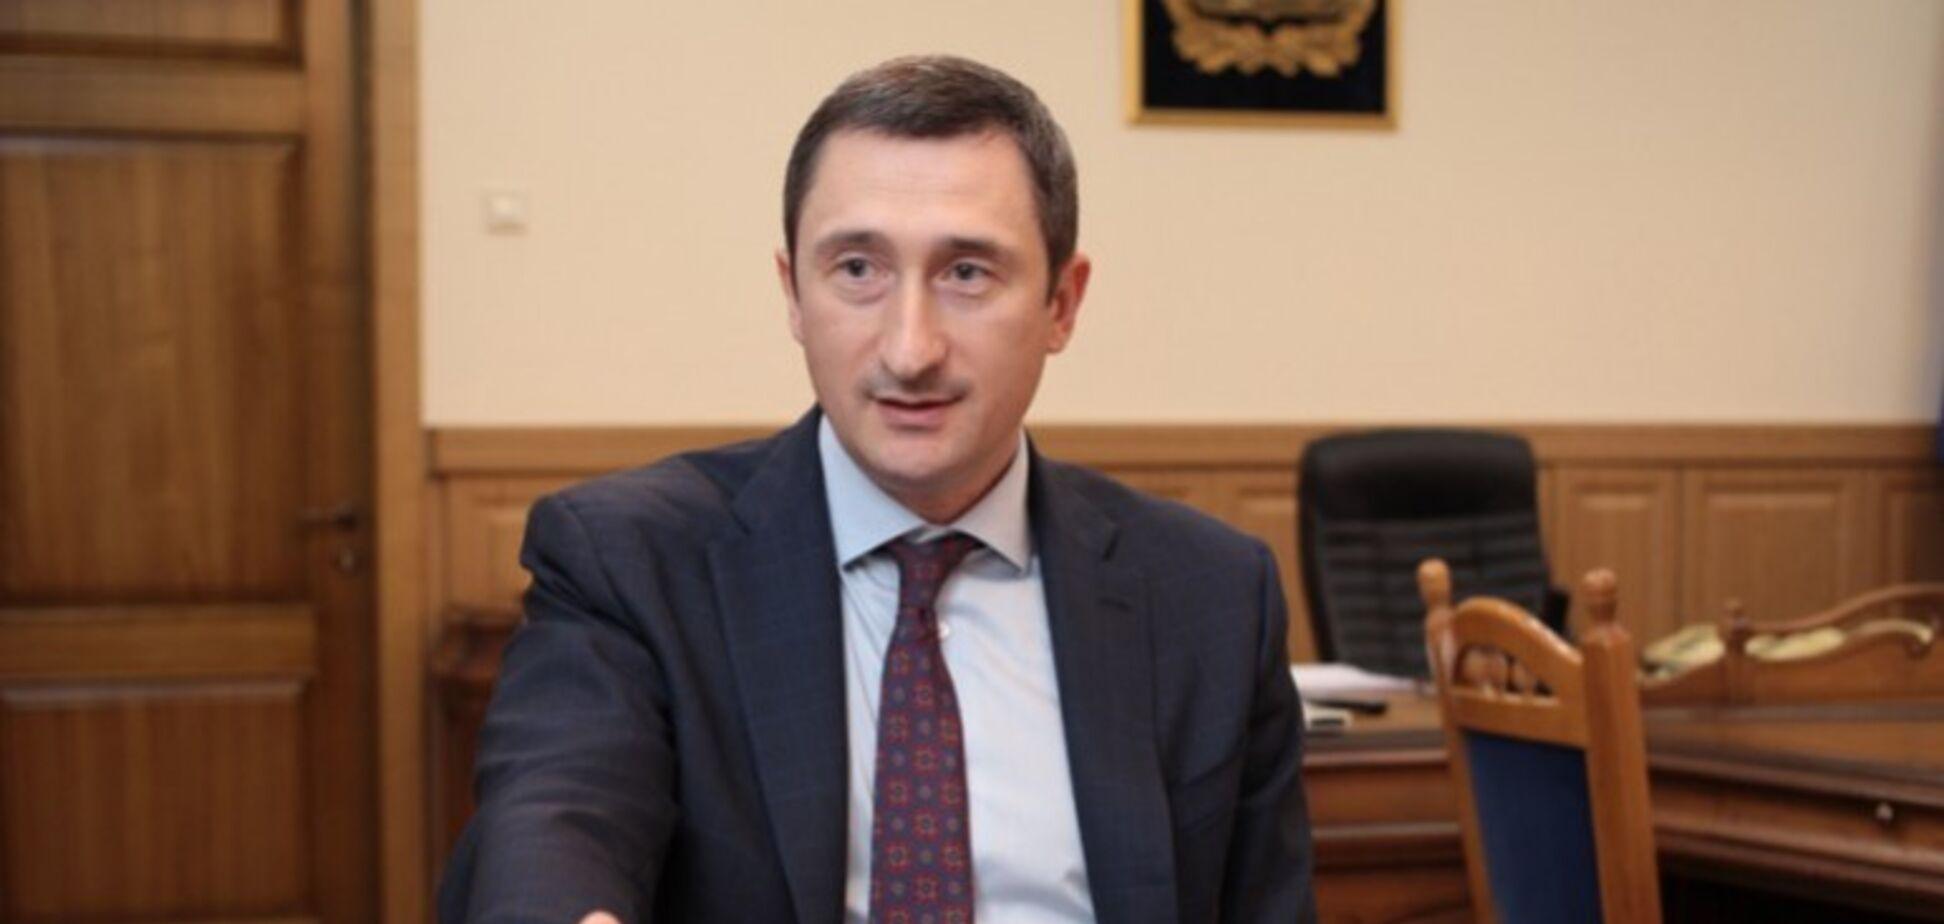 Олексій Чернишов став новим міністром розвитку громад і територій: що про нього відомо